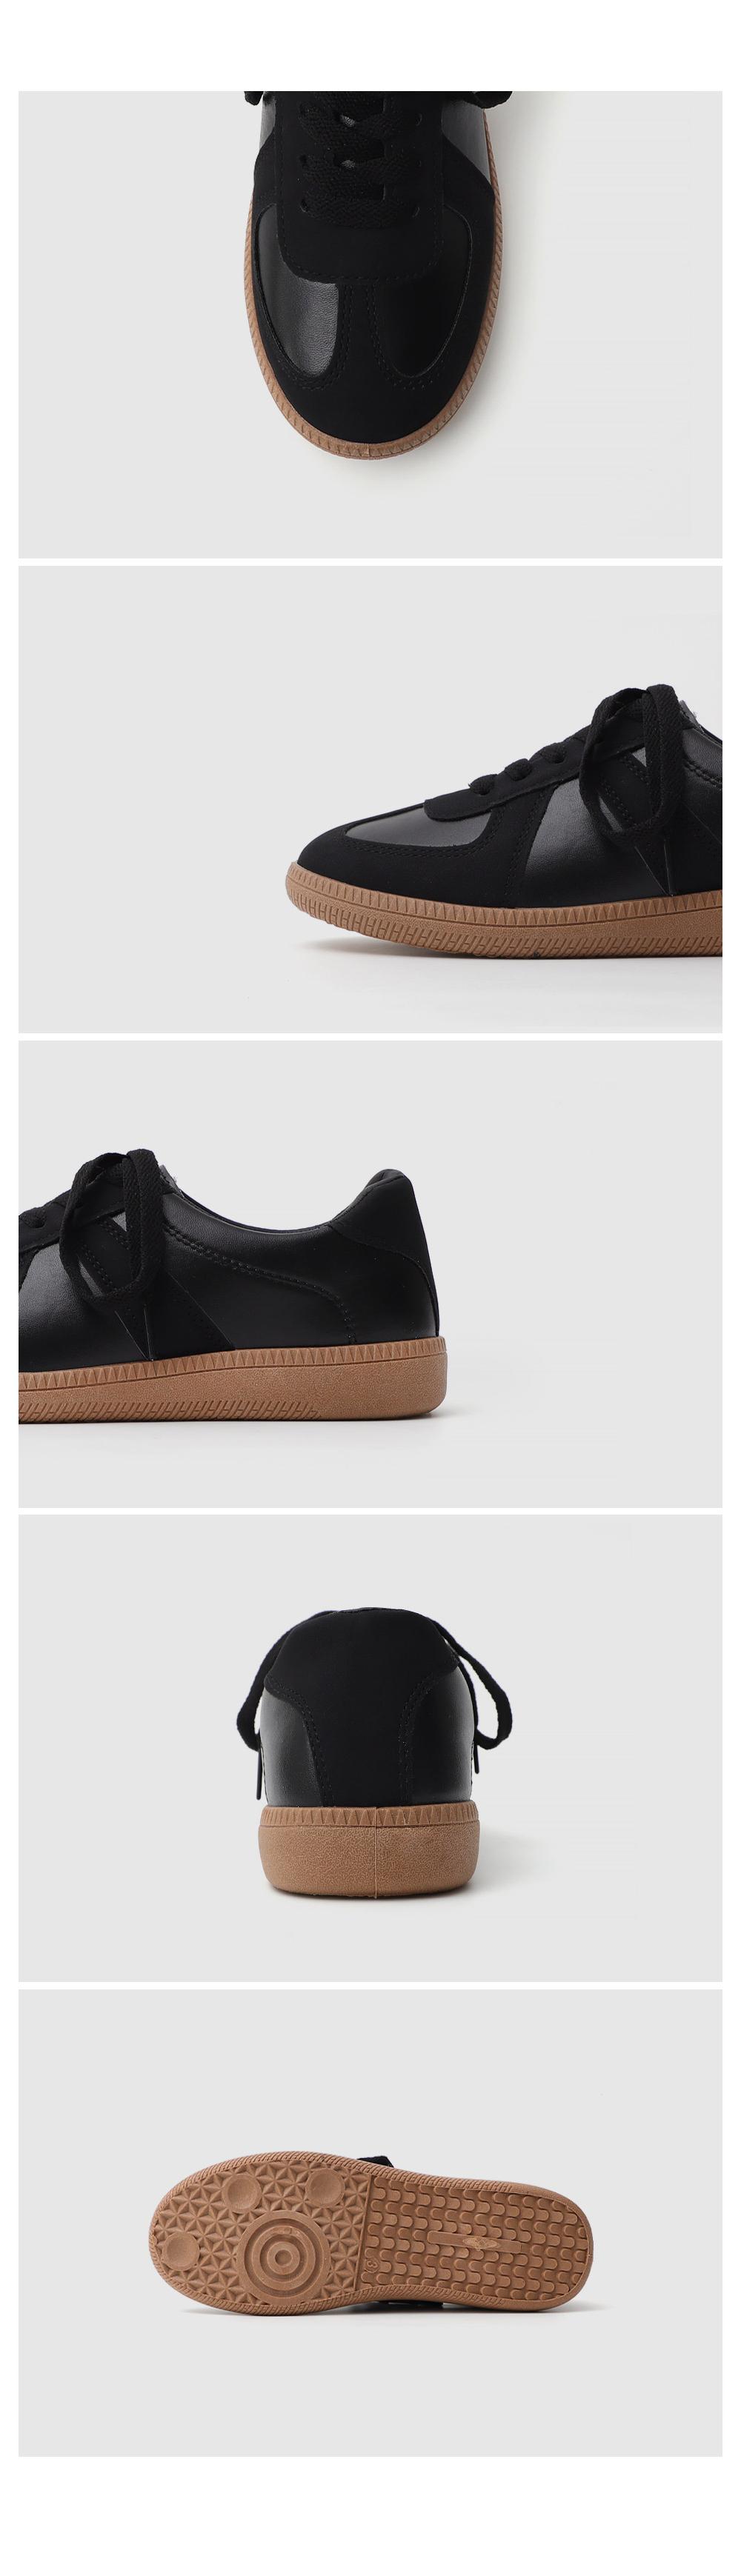 靴 商品画像-S1L15